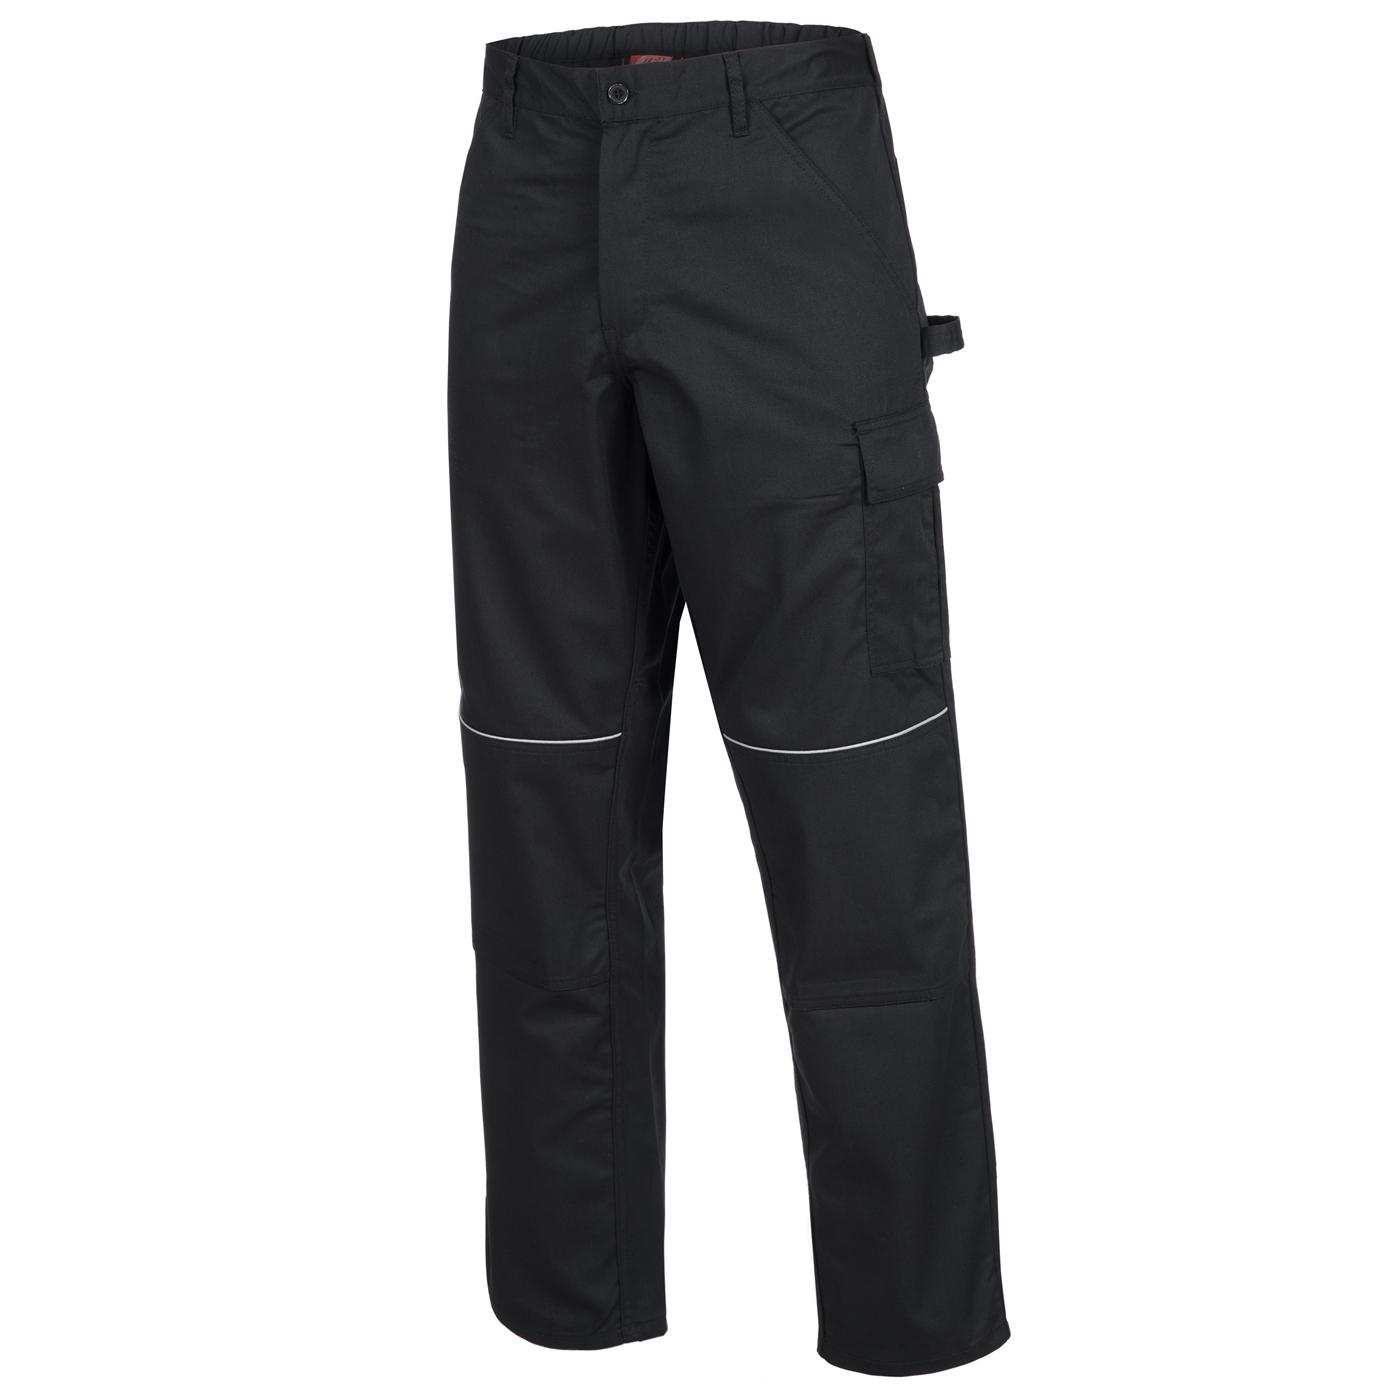 Spodnie robocze Nitras 7510